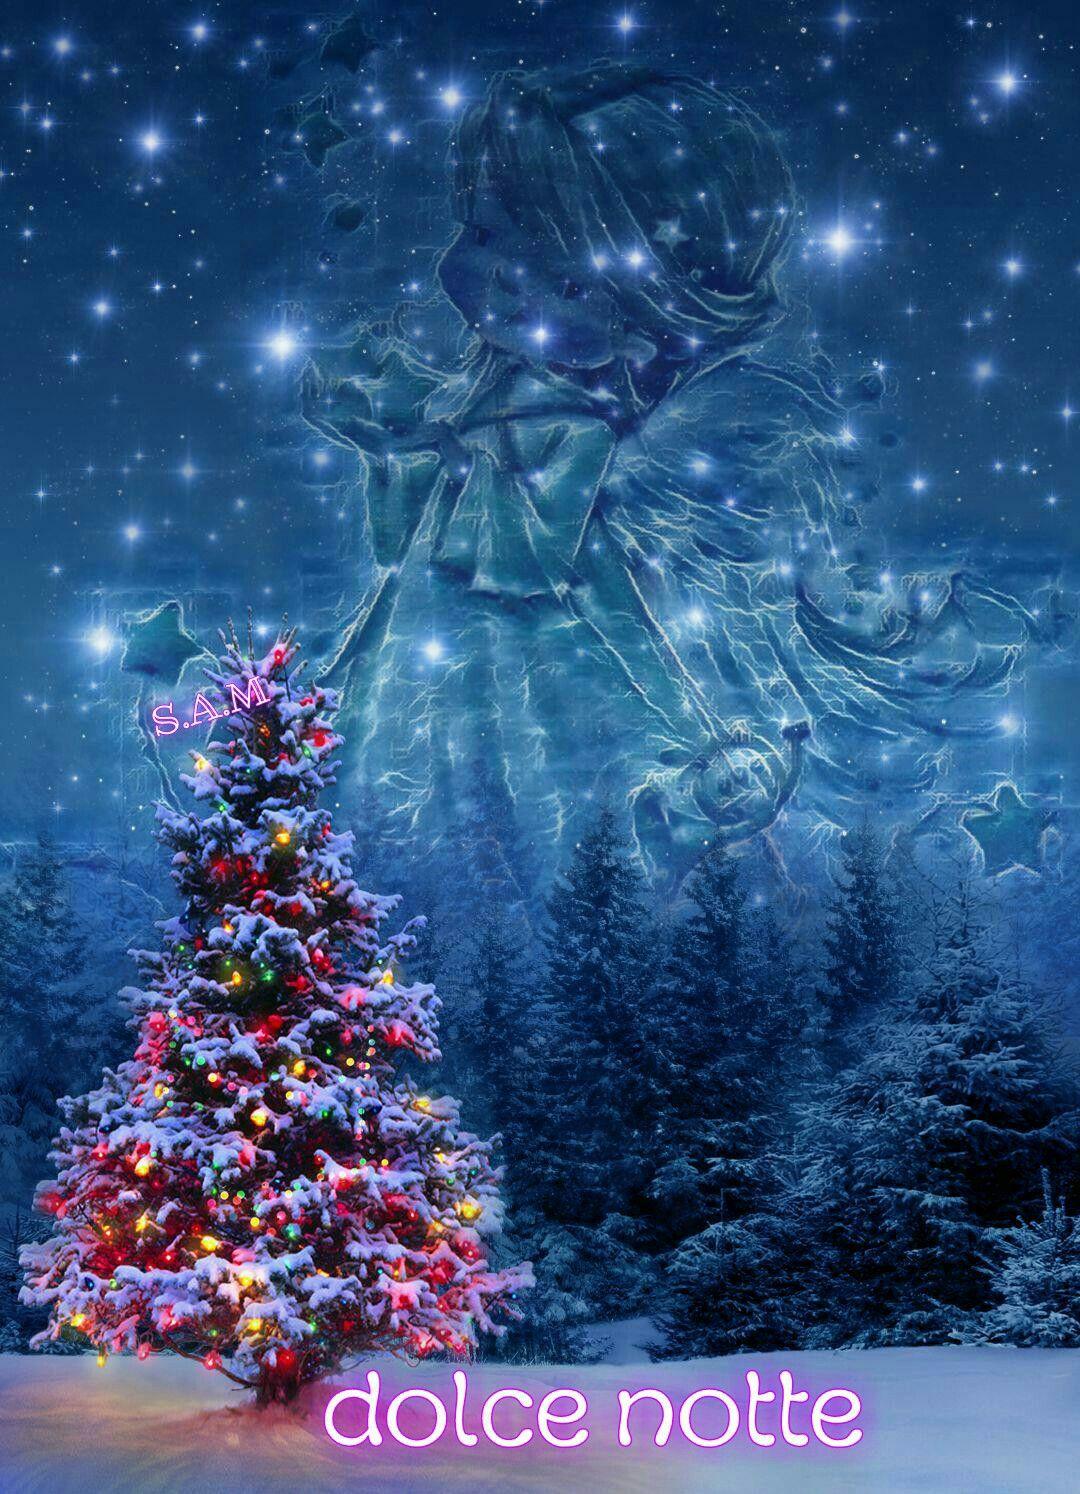 Immagini Di Buona Notte Di Natale.Buona Notte Buonanotte Alberi Di Natale Notte